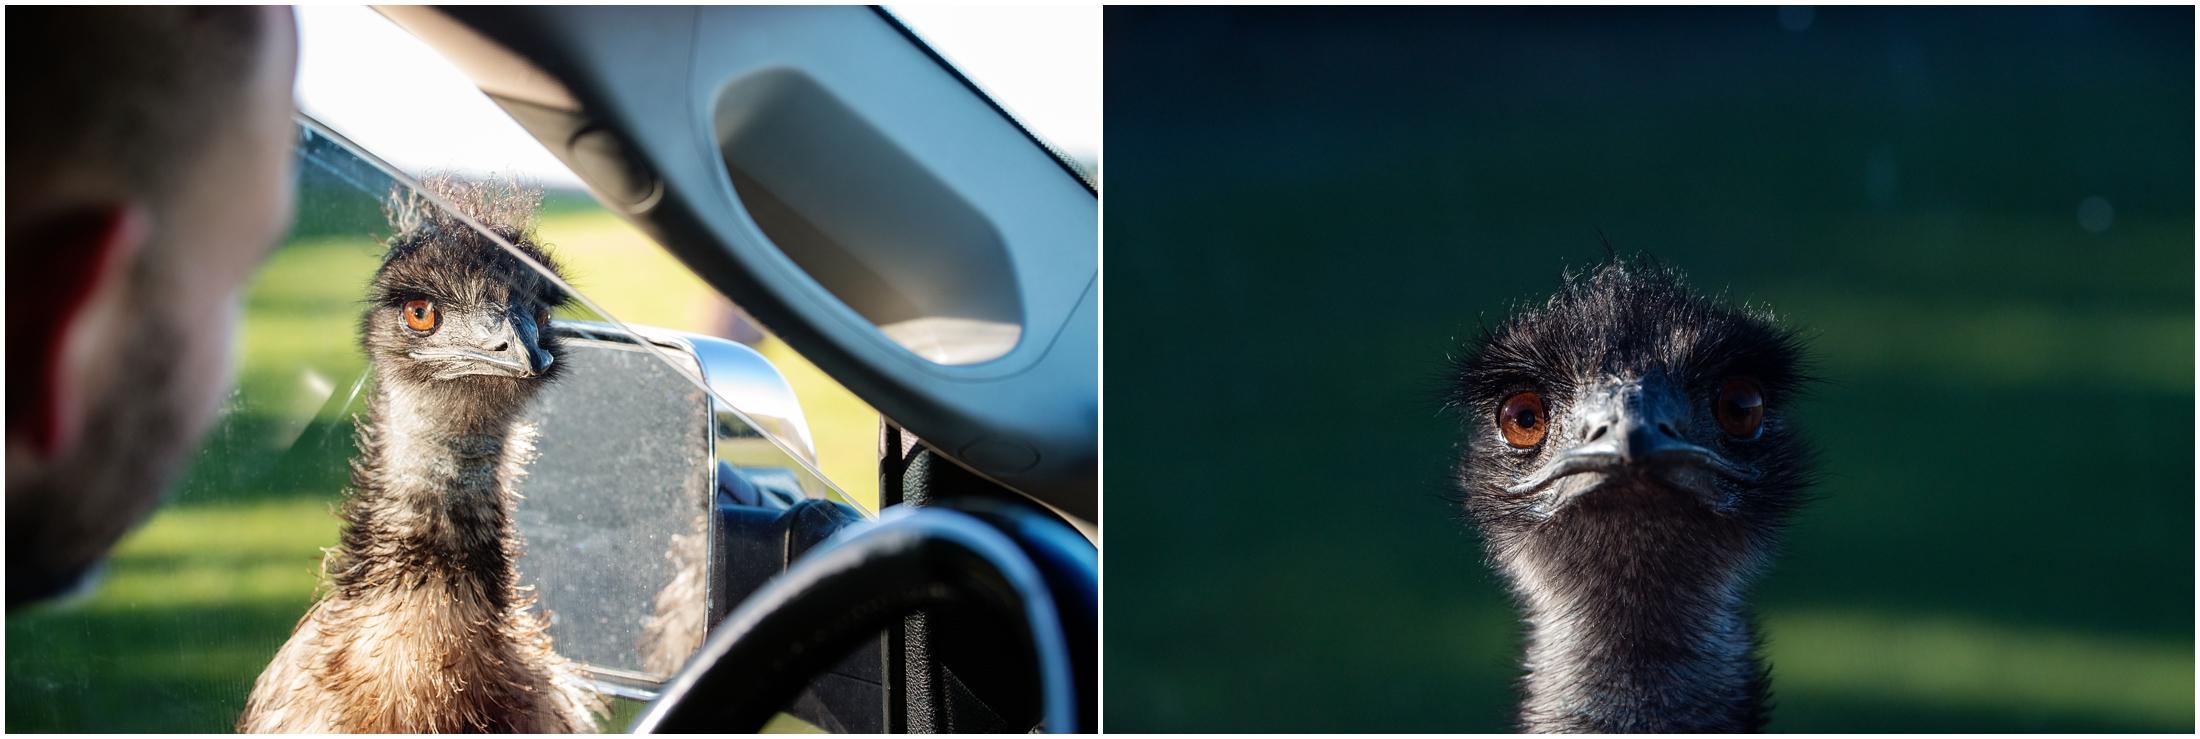 photo of emu at car door window